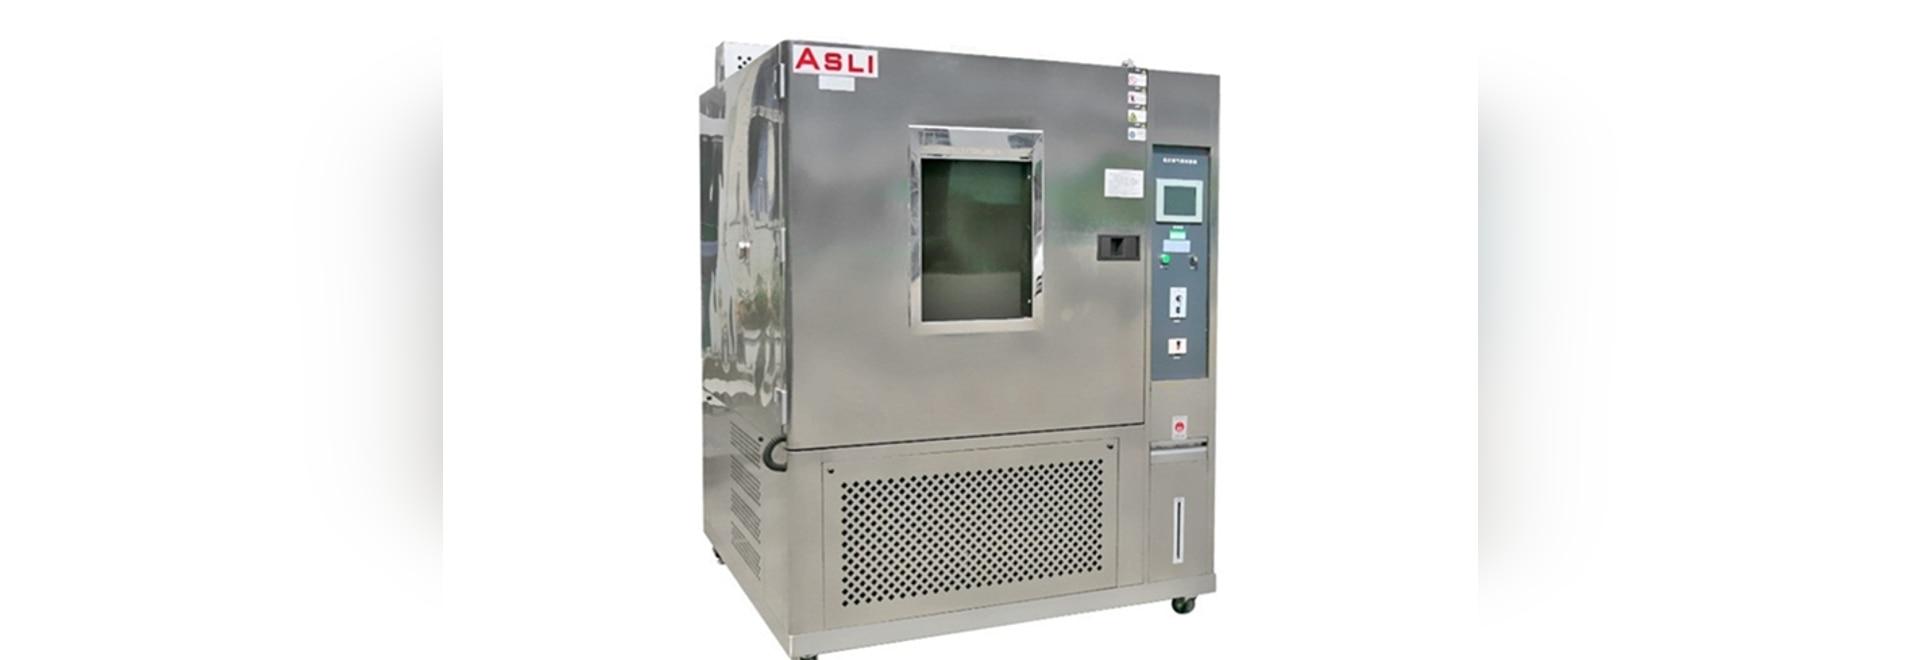 XL-1000-C Temperatur- und Strahlungstestkammer